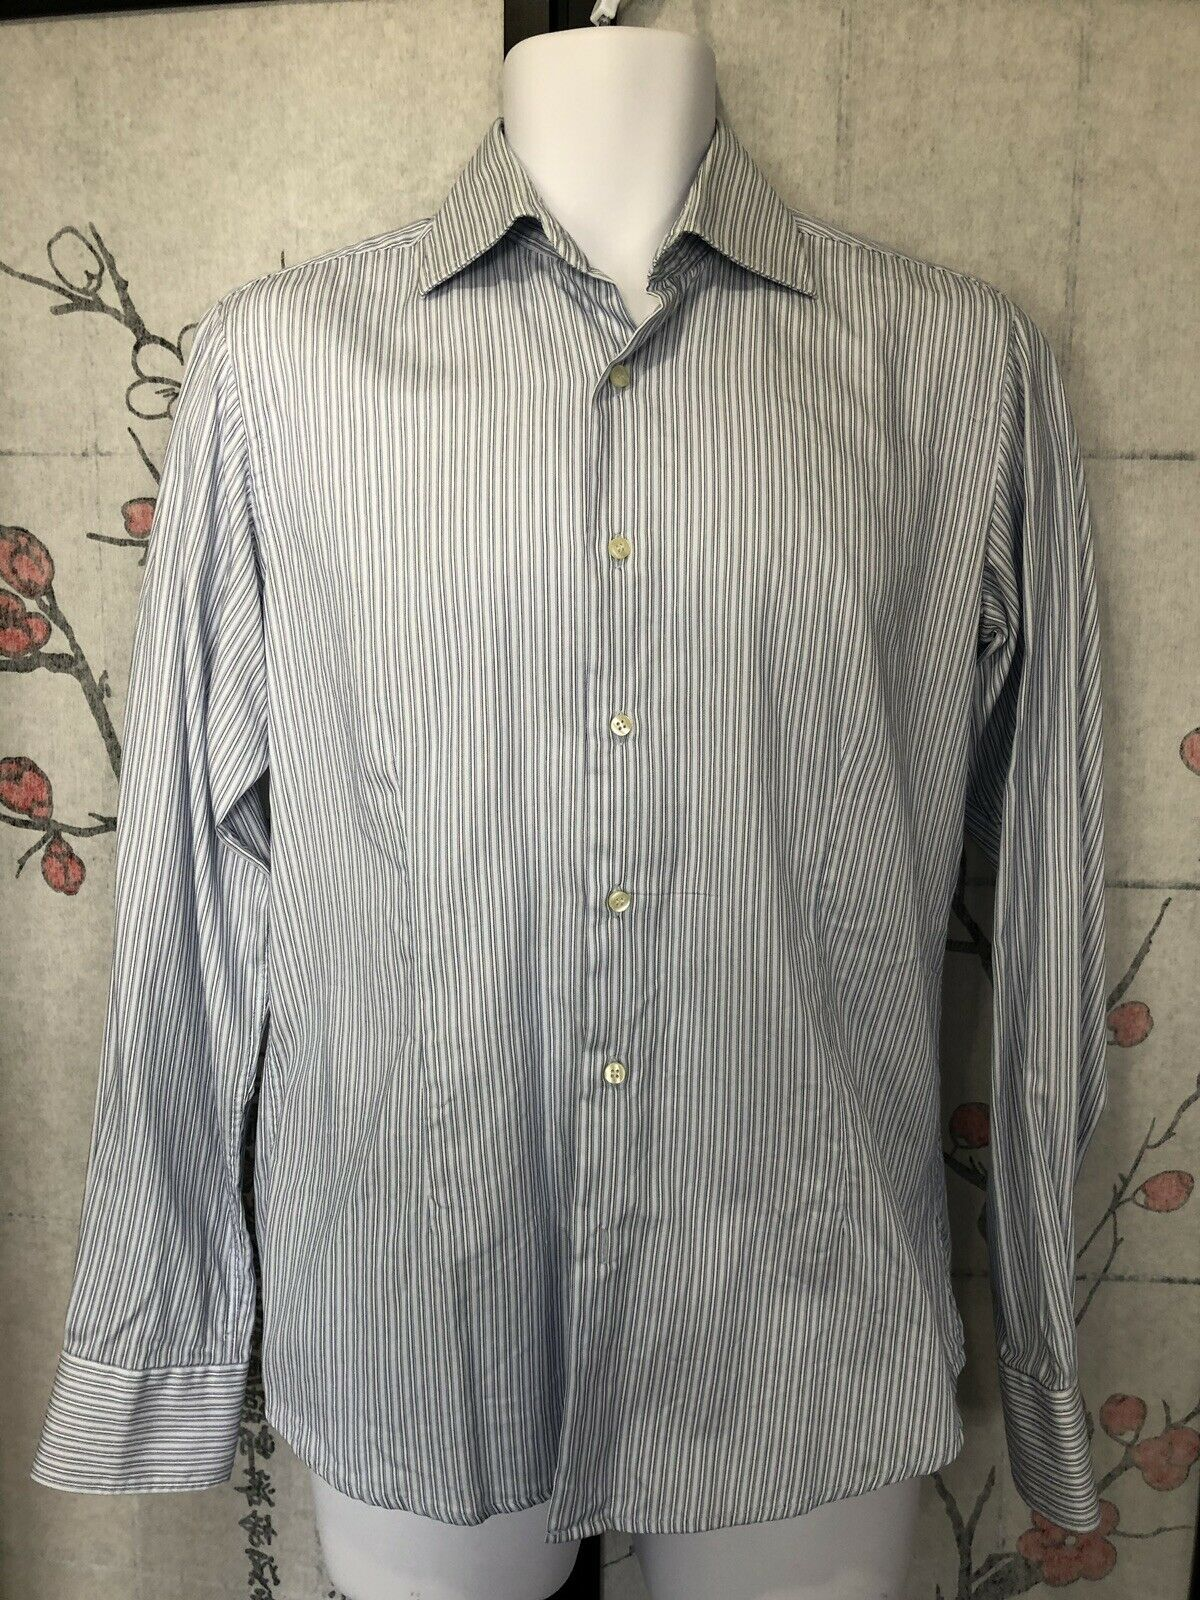 395 VALENTINO ROMA Slim Fit Striped Dress hemd Größe 15-3 4 or 40